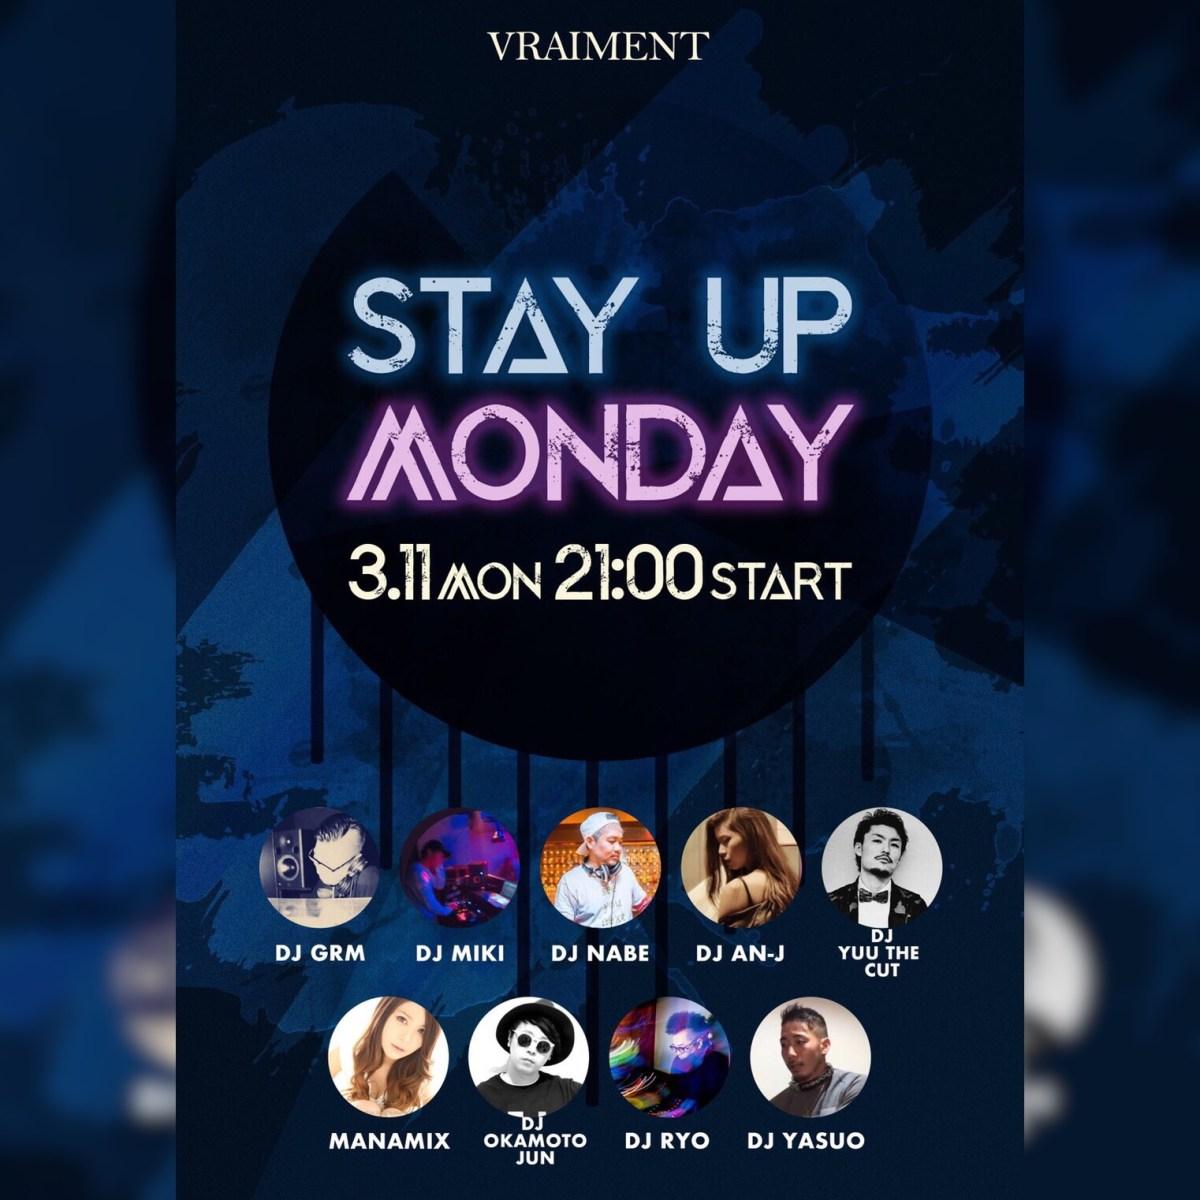 【3月11日】STAY UP MONDAY